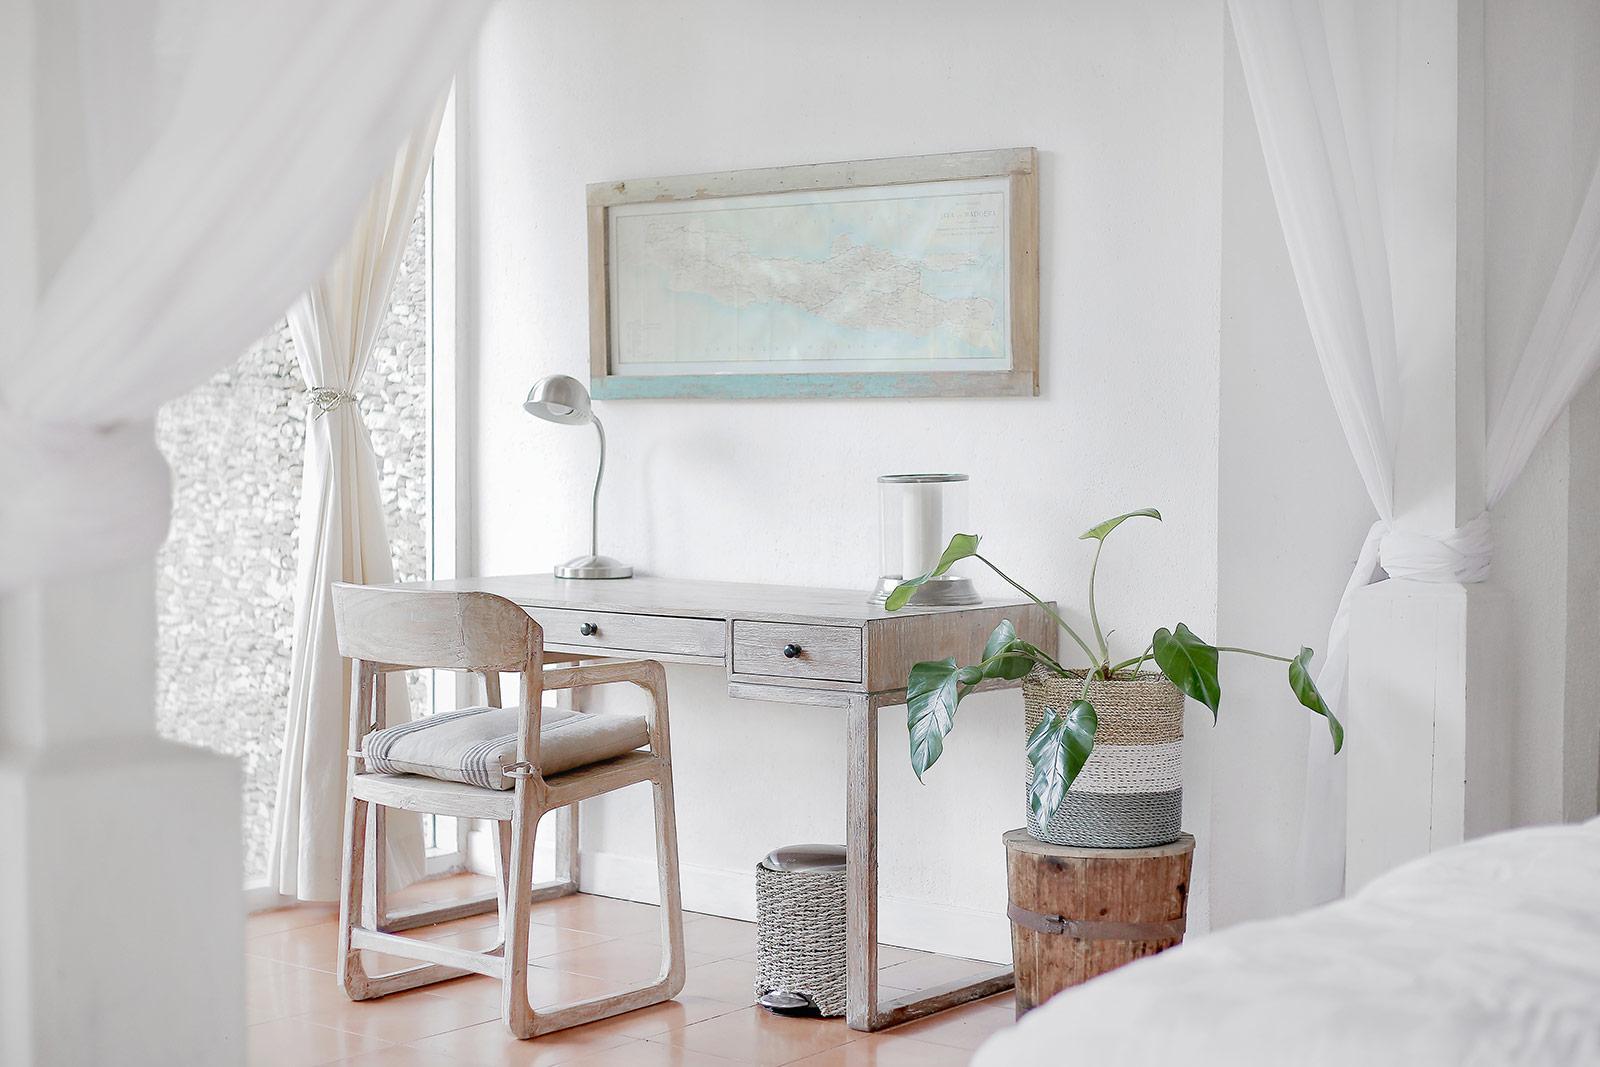 zimmer aufr umen und ordnung halten leicht gemacht blog. Black Bedroom Furniture Sets. Home Design Ideas